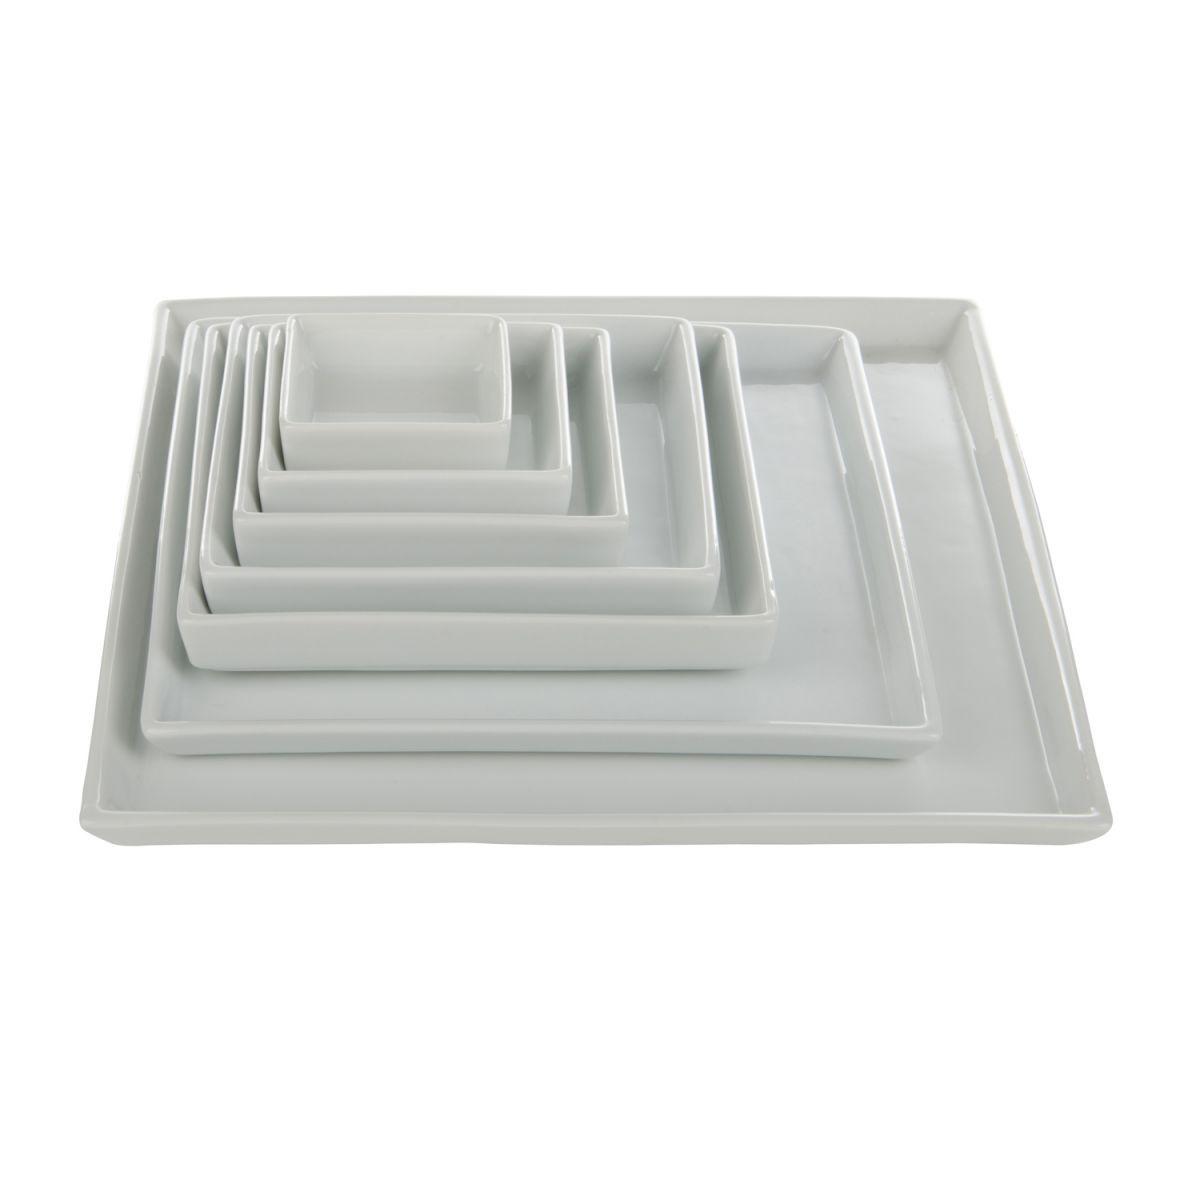 plate square border 25x25 box6